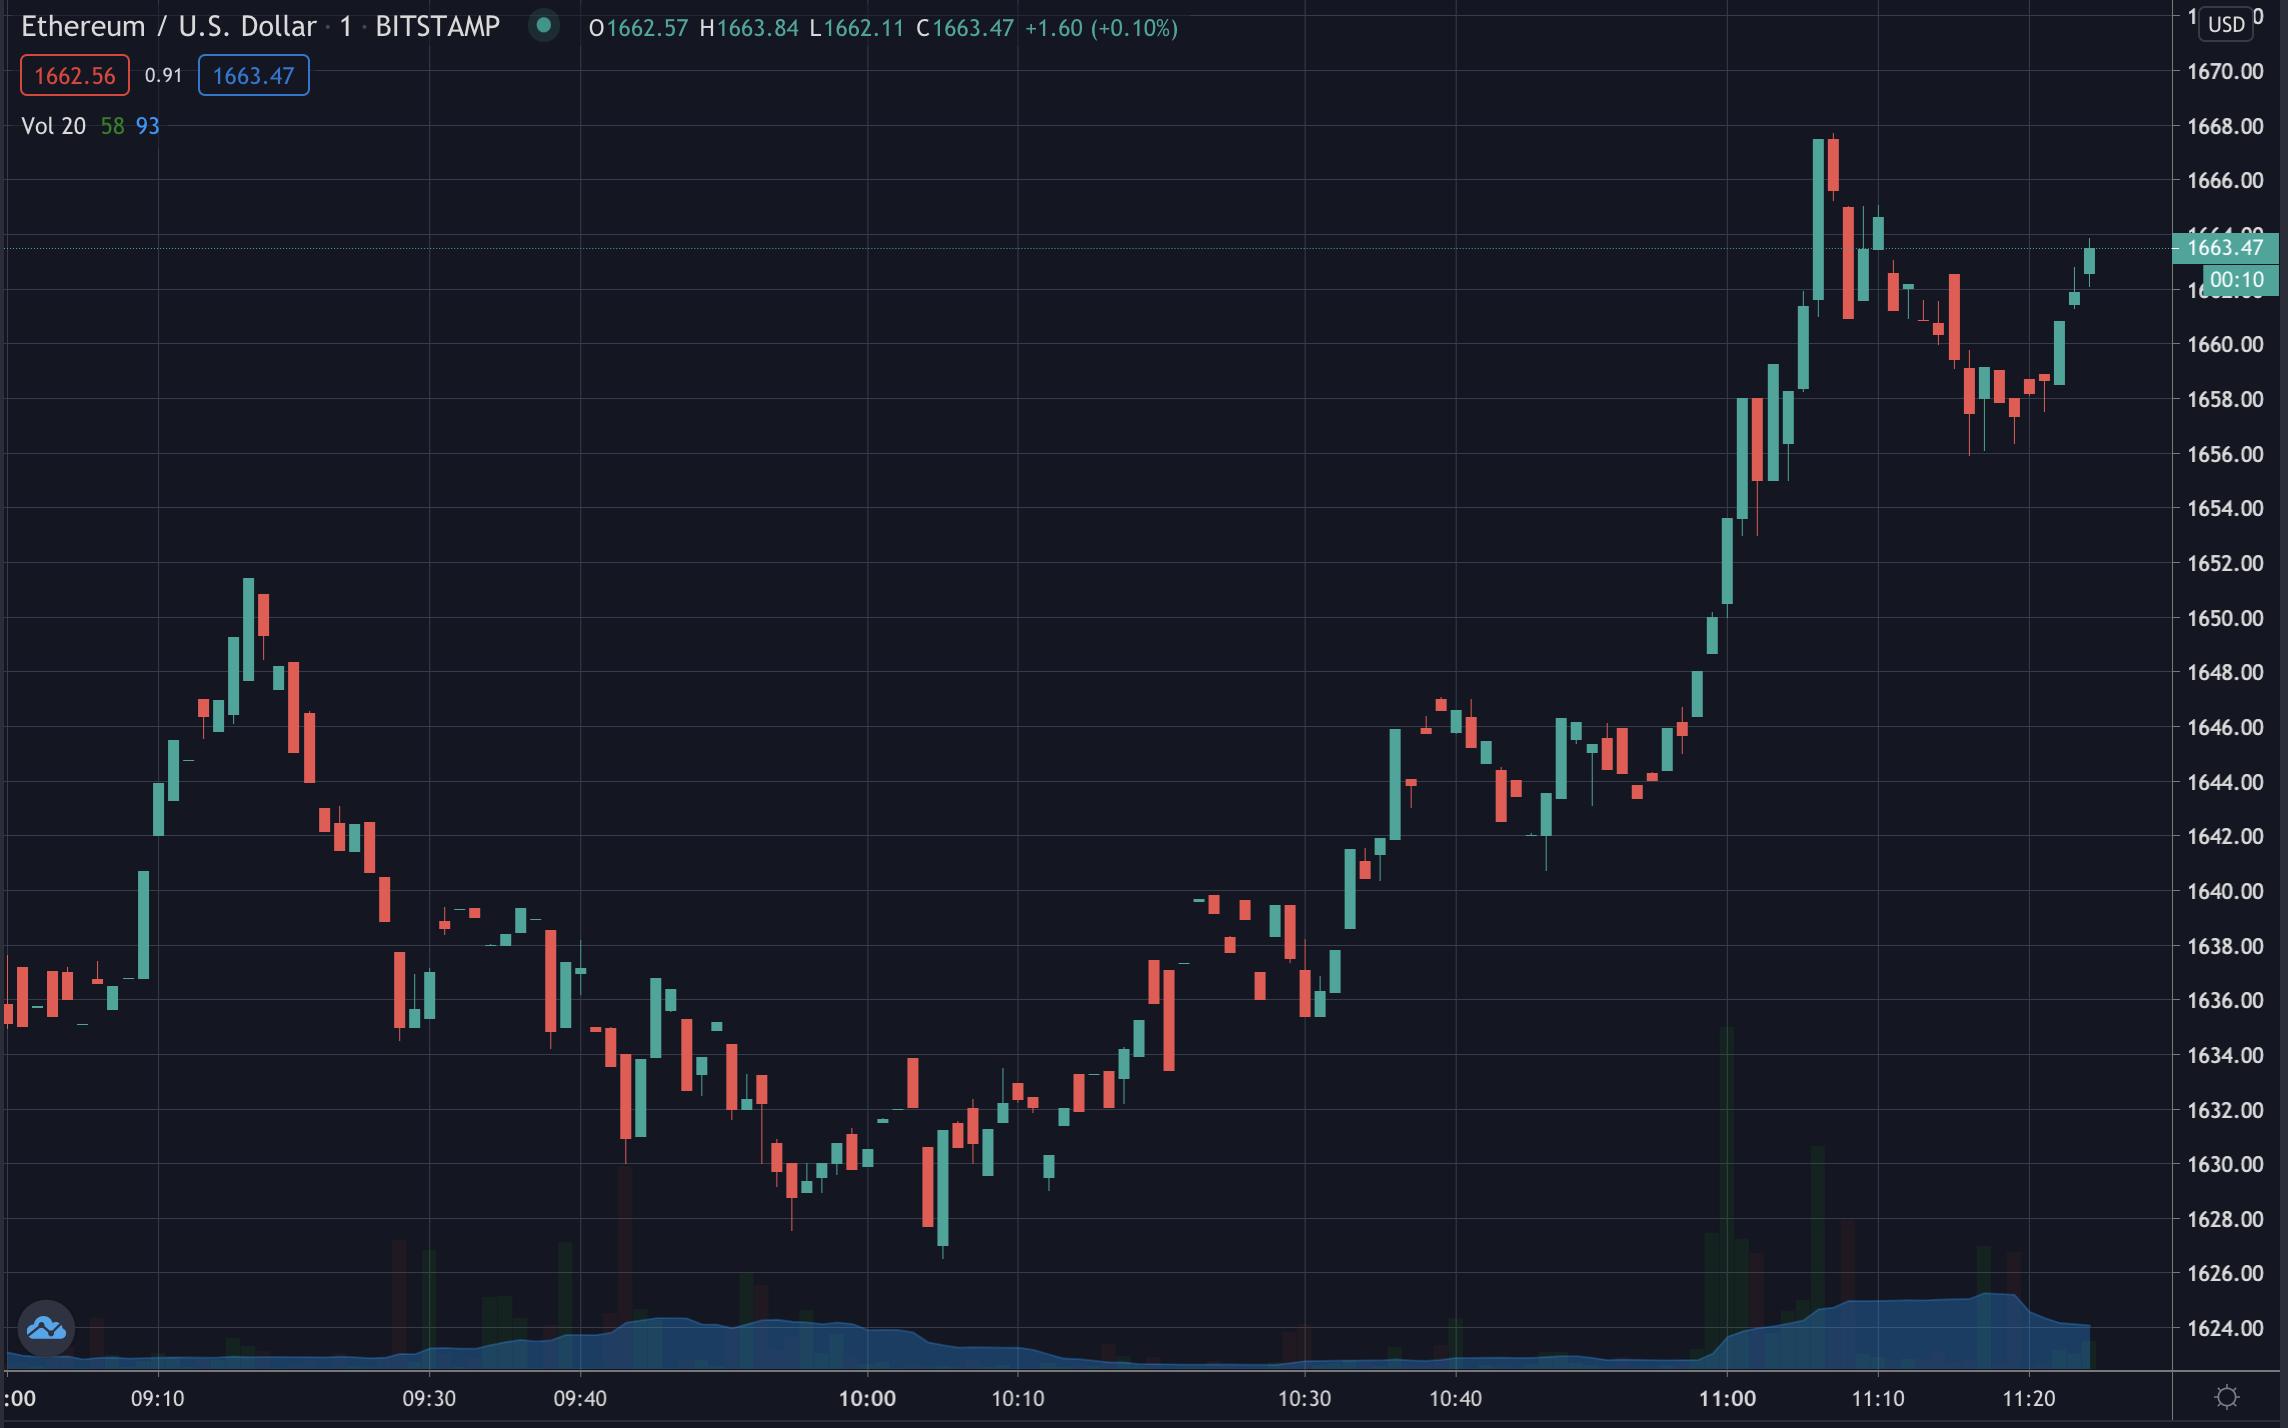 Ethereum Price, Feb 2021